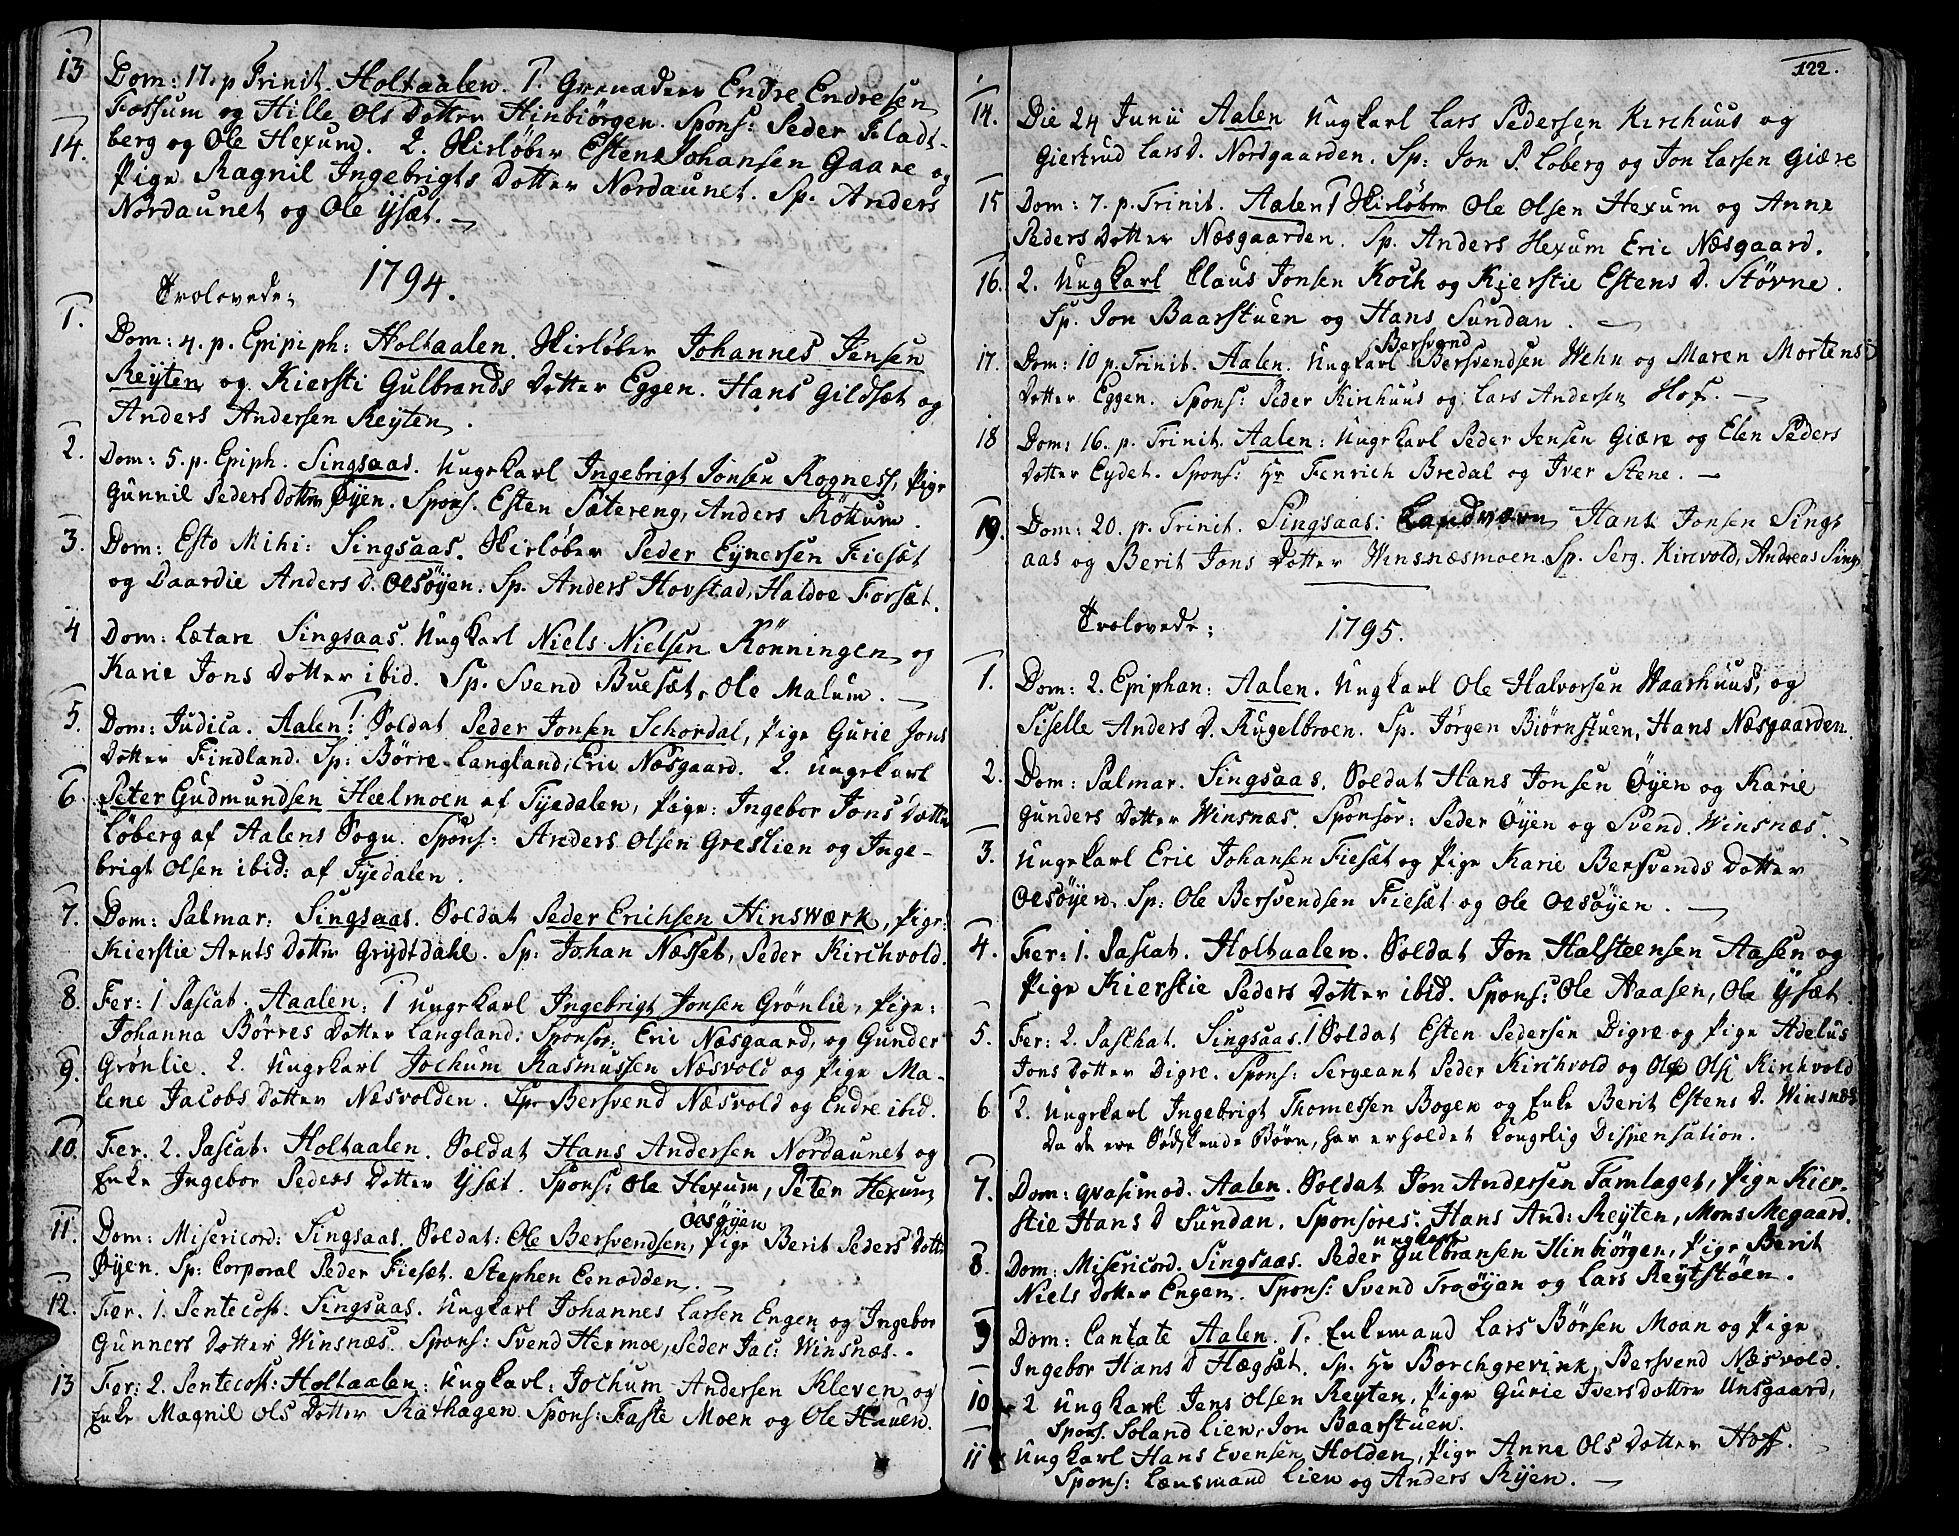 SAT, Ministerialprotokoller, klokkerbøker og fødselsregistre - Sør-Trøndelag, 685/L0952: Ministerialbok nr. 685A01, 1745-1804, s. 122